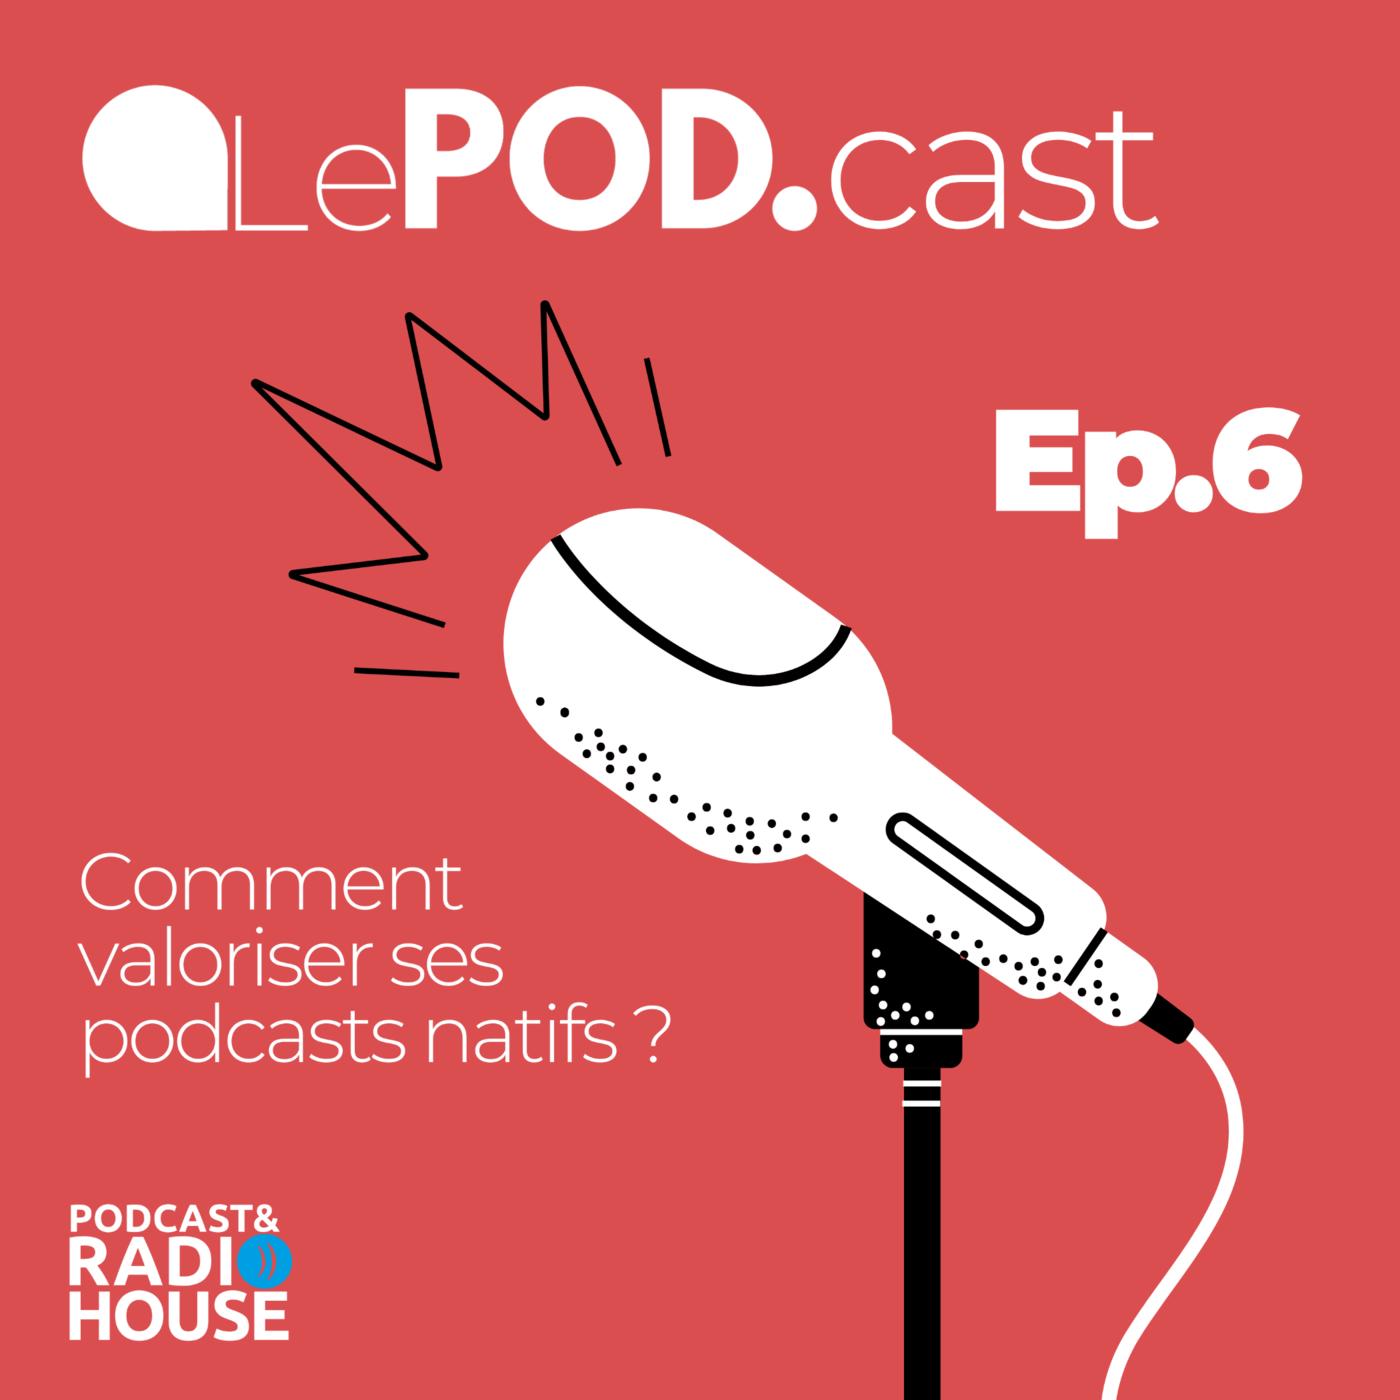 EP.6 - Comment valoriser ses podcasts natifs ? - Le POD.